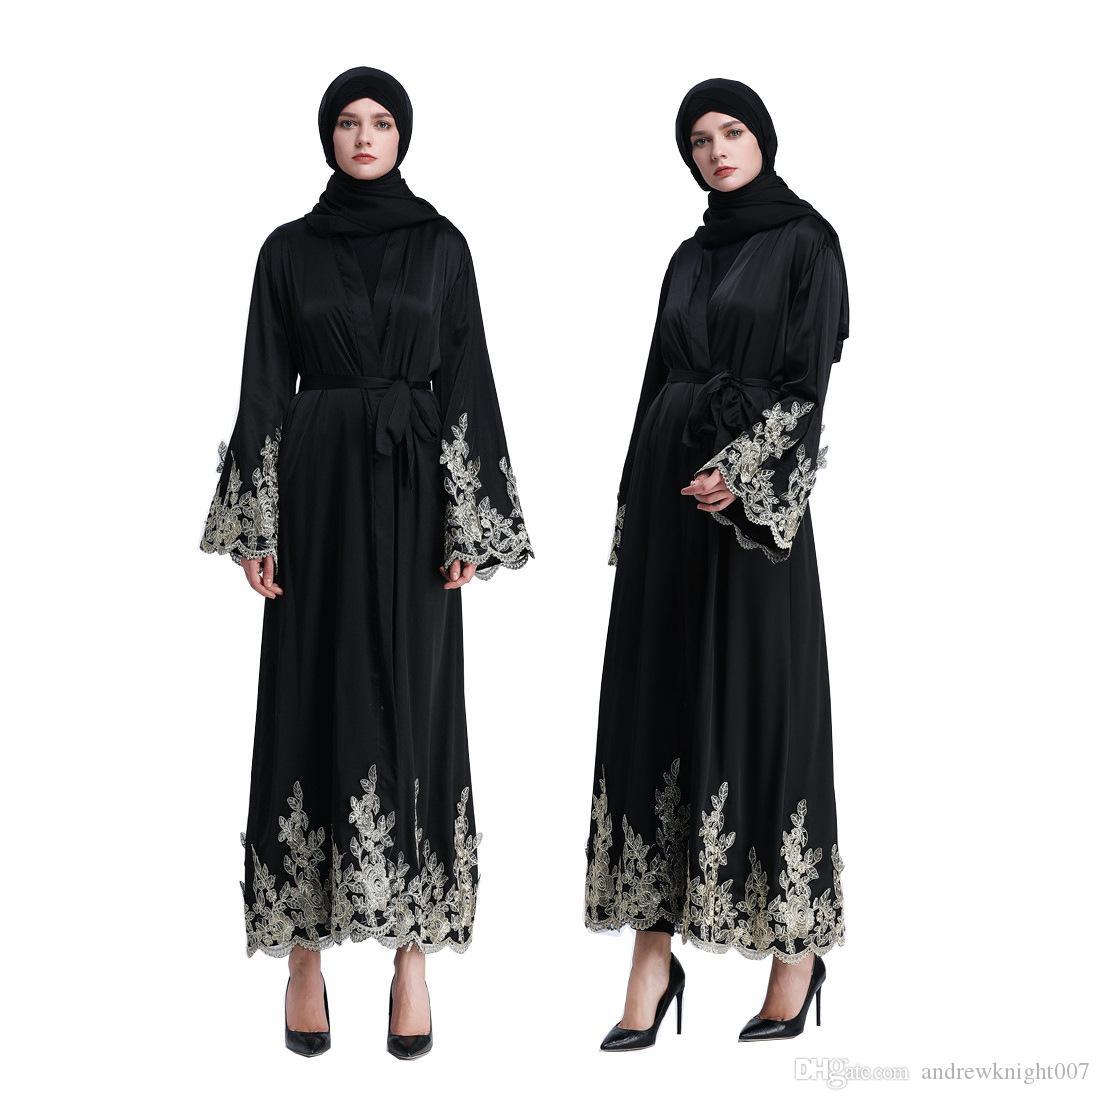 Женщины элегантный золото вышивка кружева мусульманский черное платье Исламский Абая кардиган платье платья DK736MZ